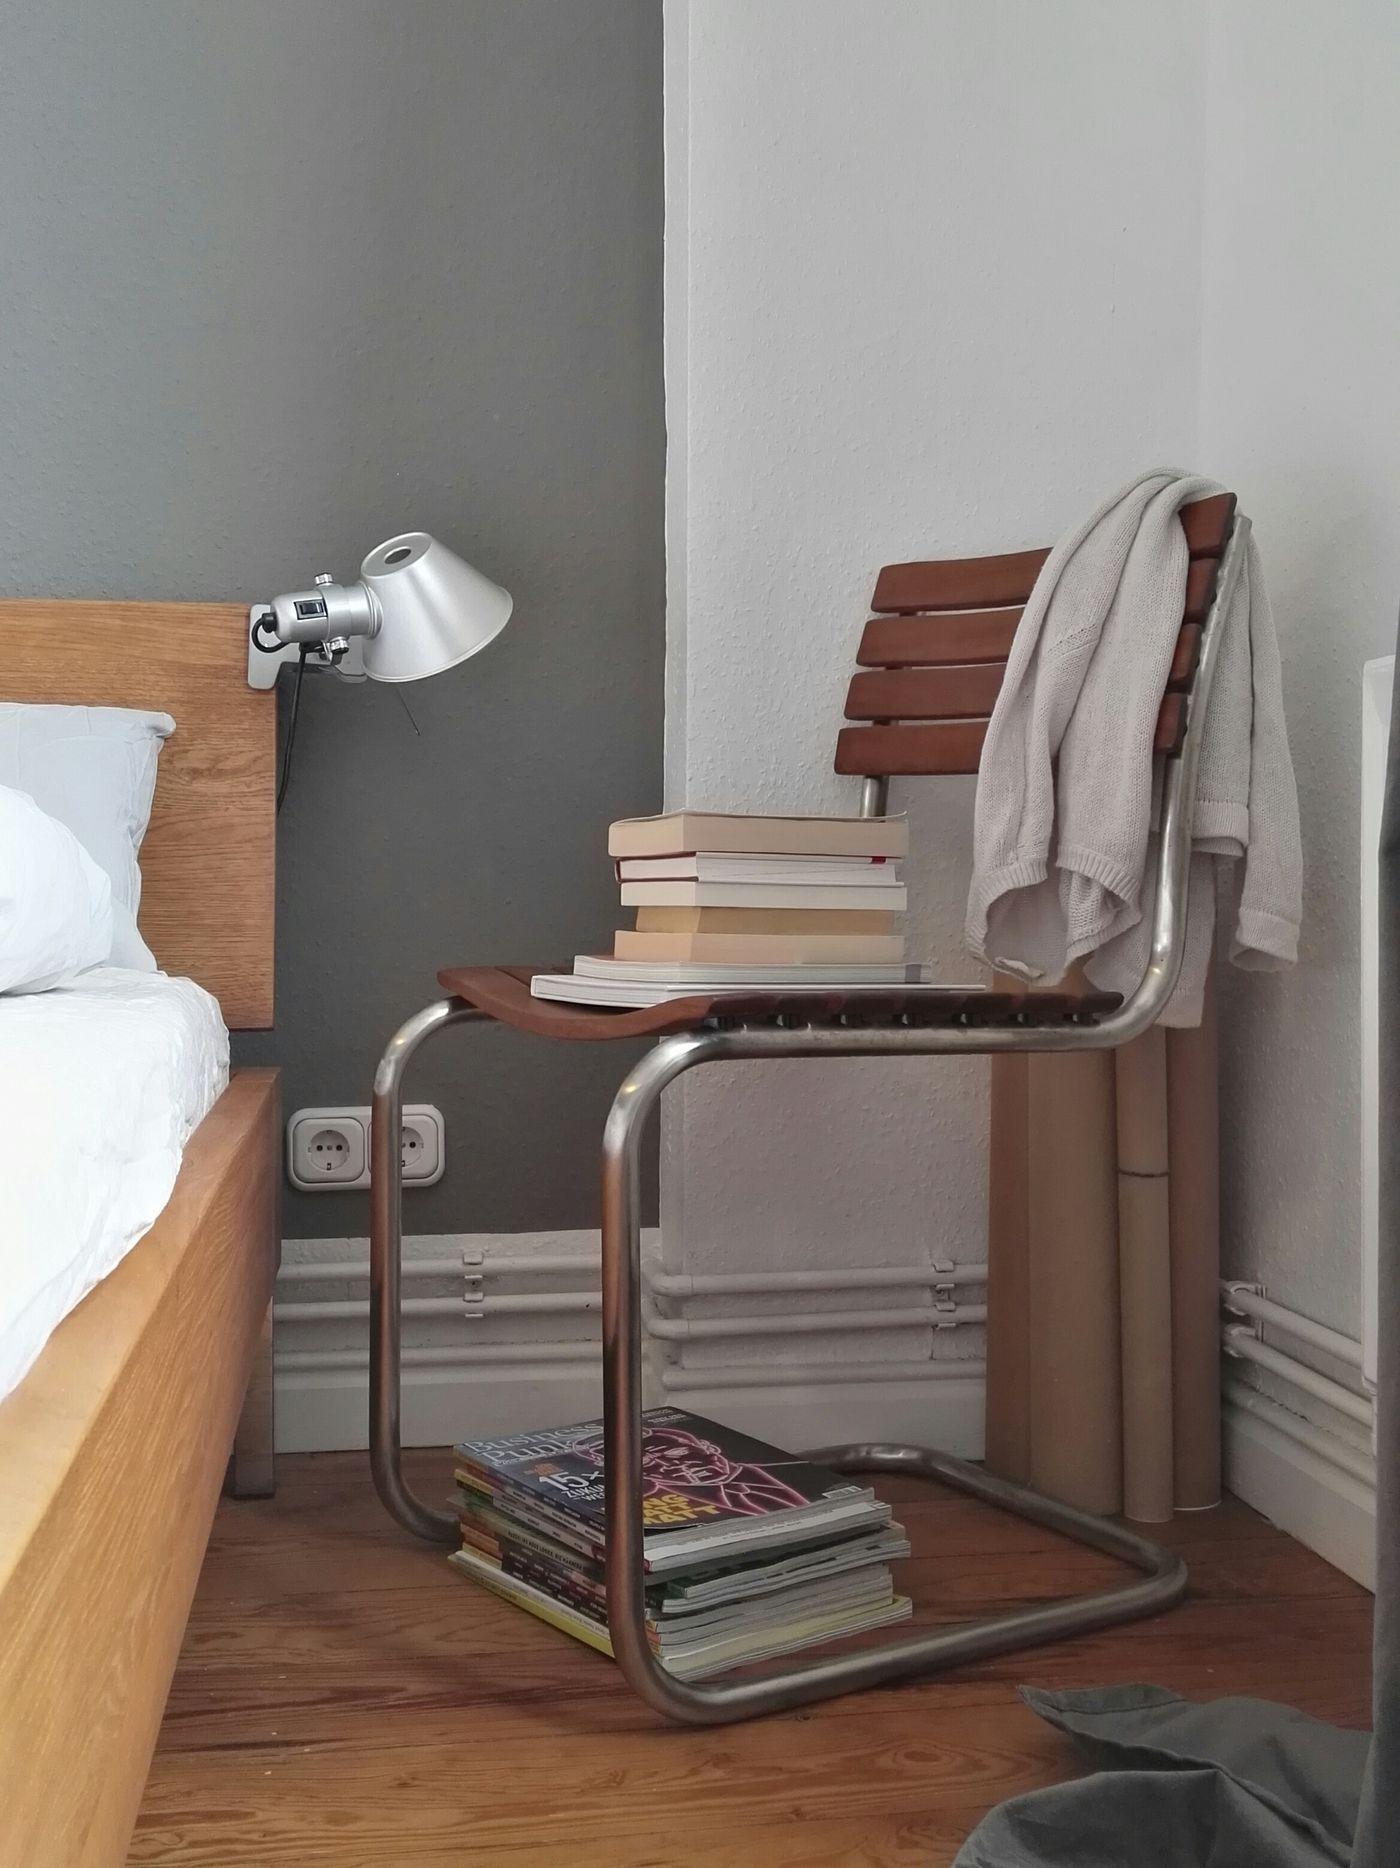 die sch nsten ideen mit klemmleuchten. Black Bedroom Furniture Sets. Home Design Ideas